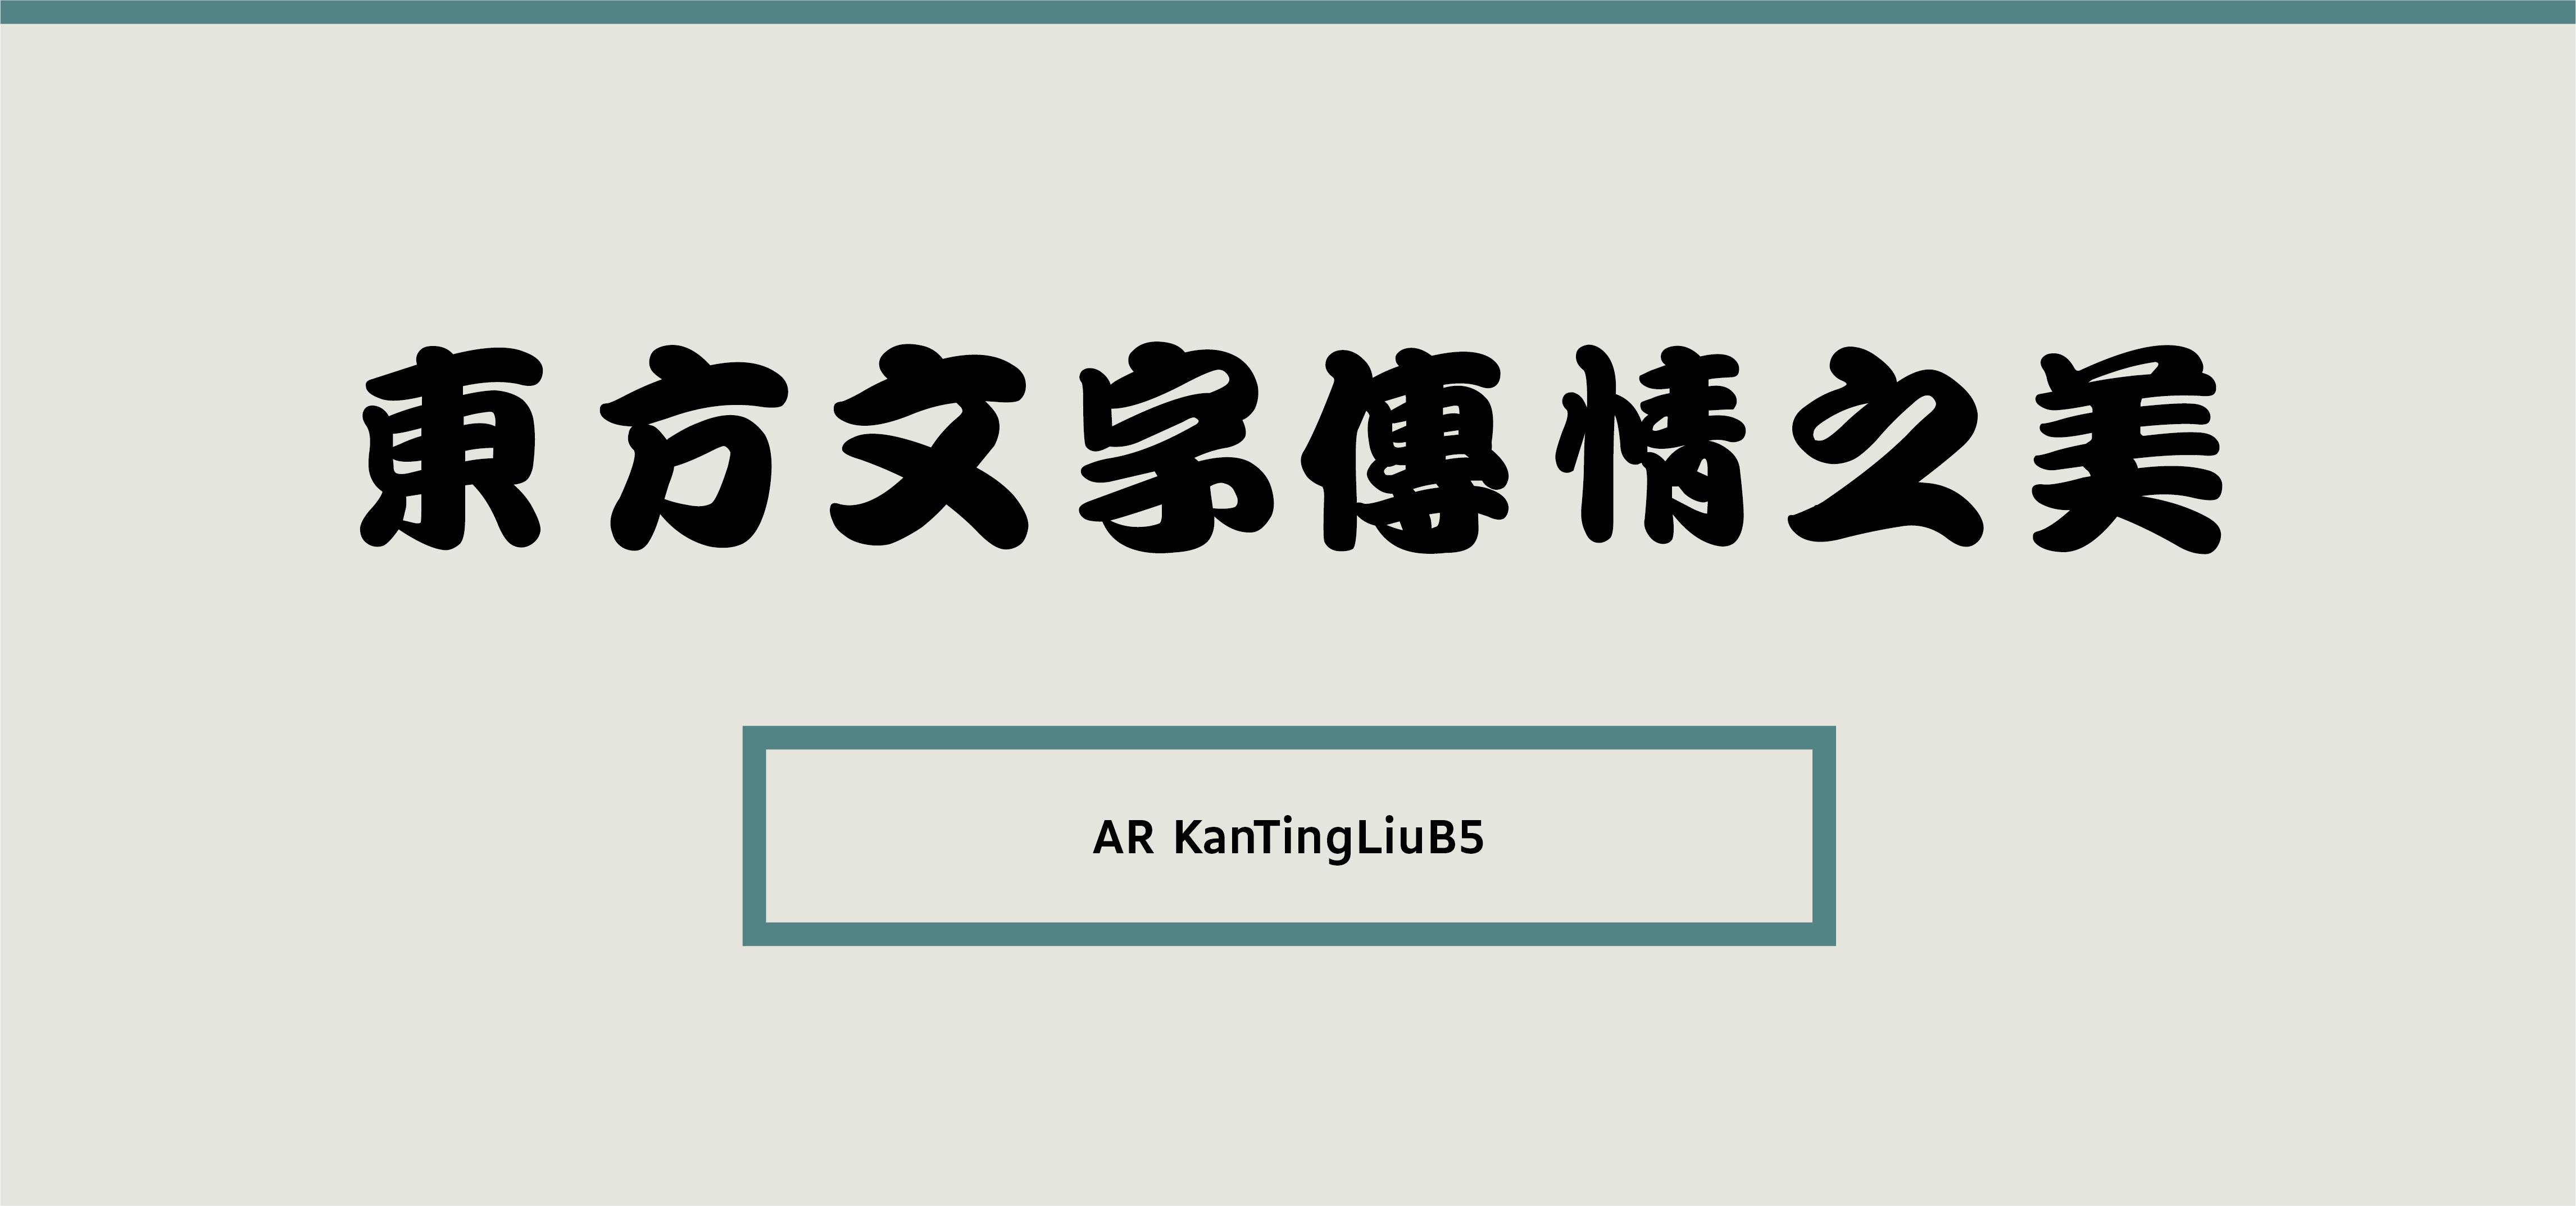 AR KanTingLiuB5